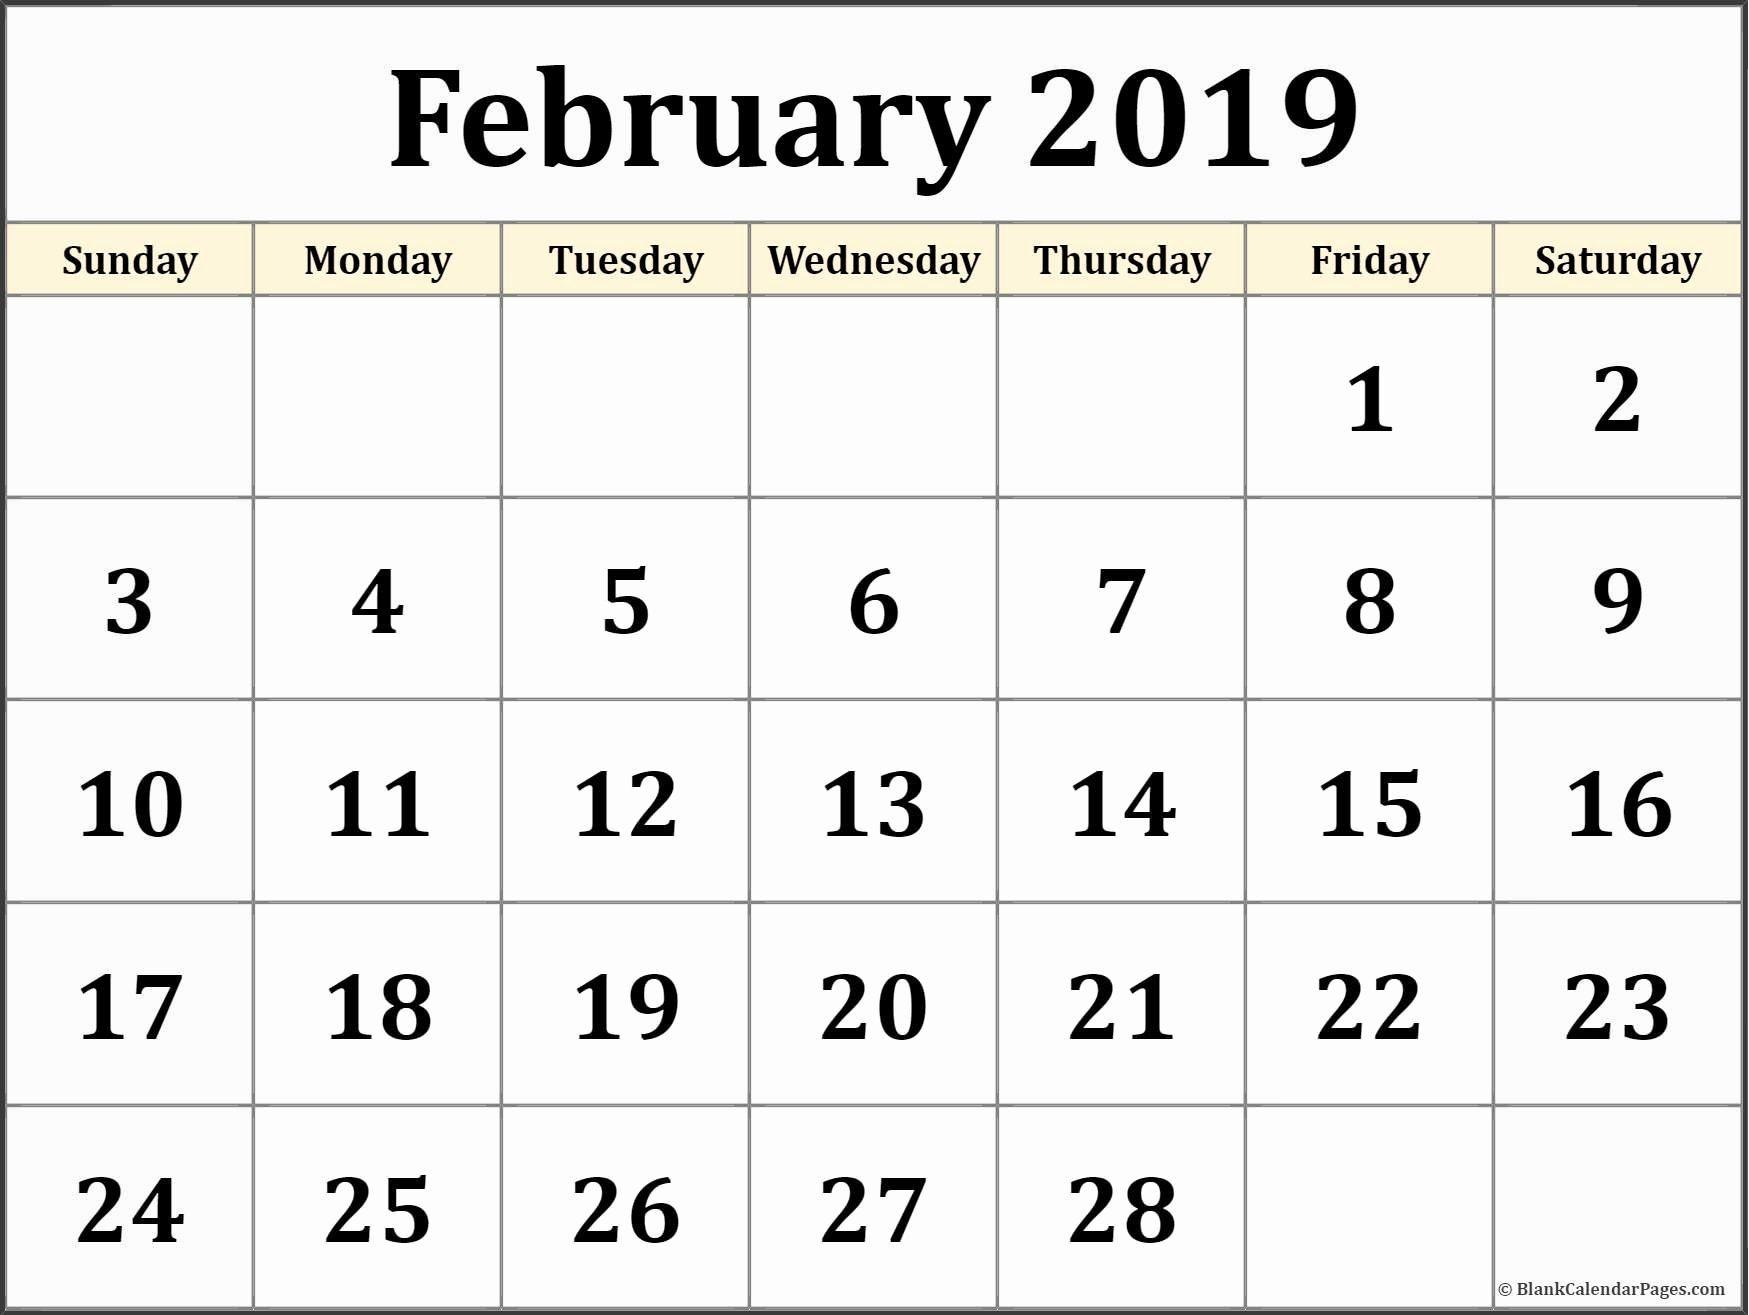 March Calendar Canada Más Arriba-a-fecha February 2019 Blank Calendar Of March Calendar Canada Más Recientes Flowers March 2019 Desktop Calendar March March2019